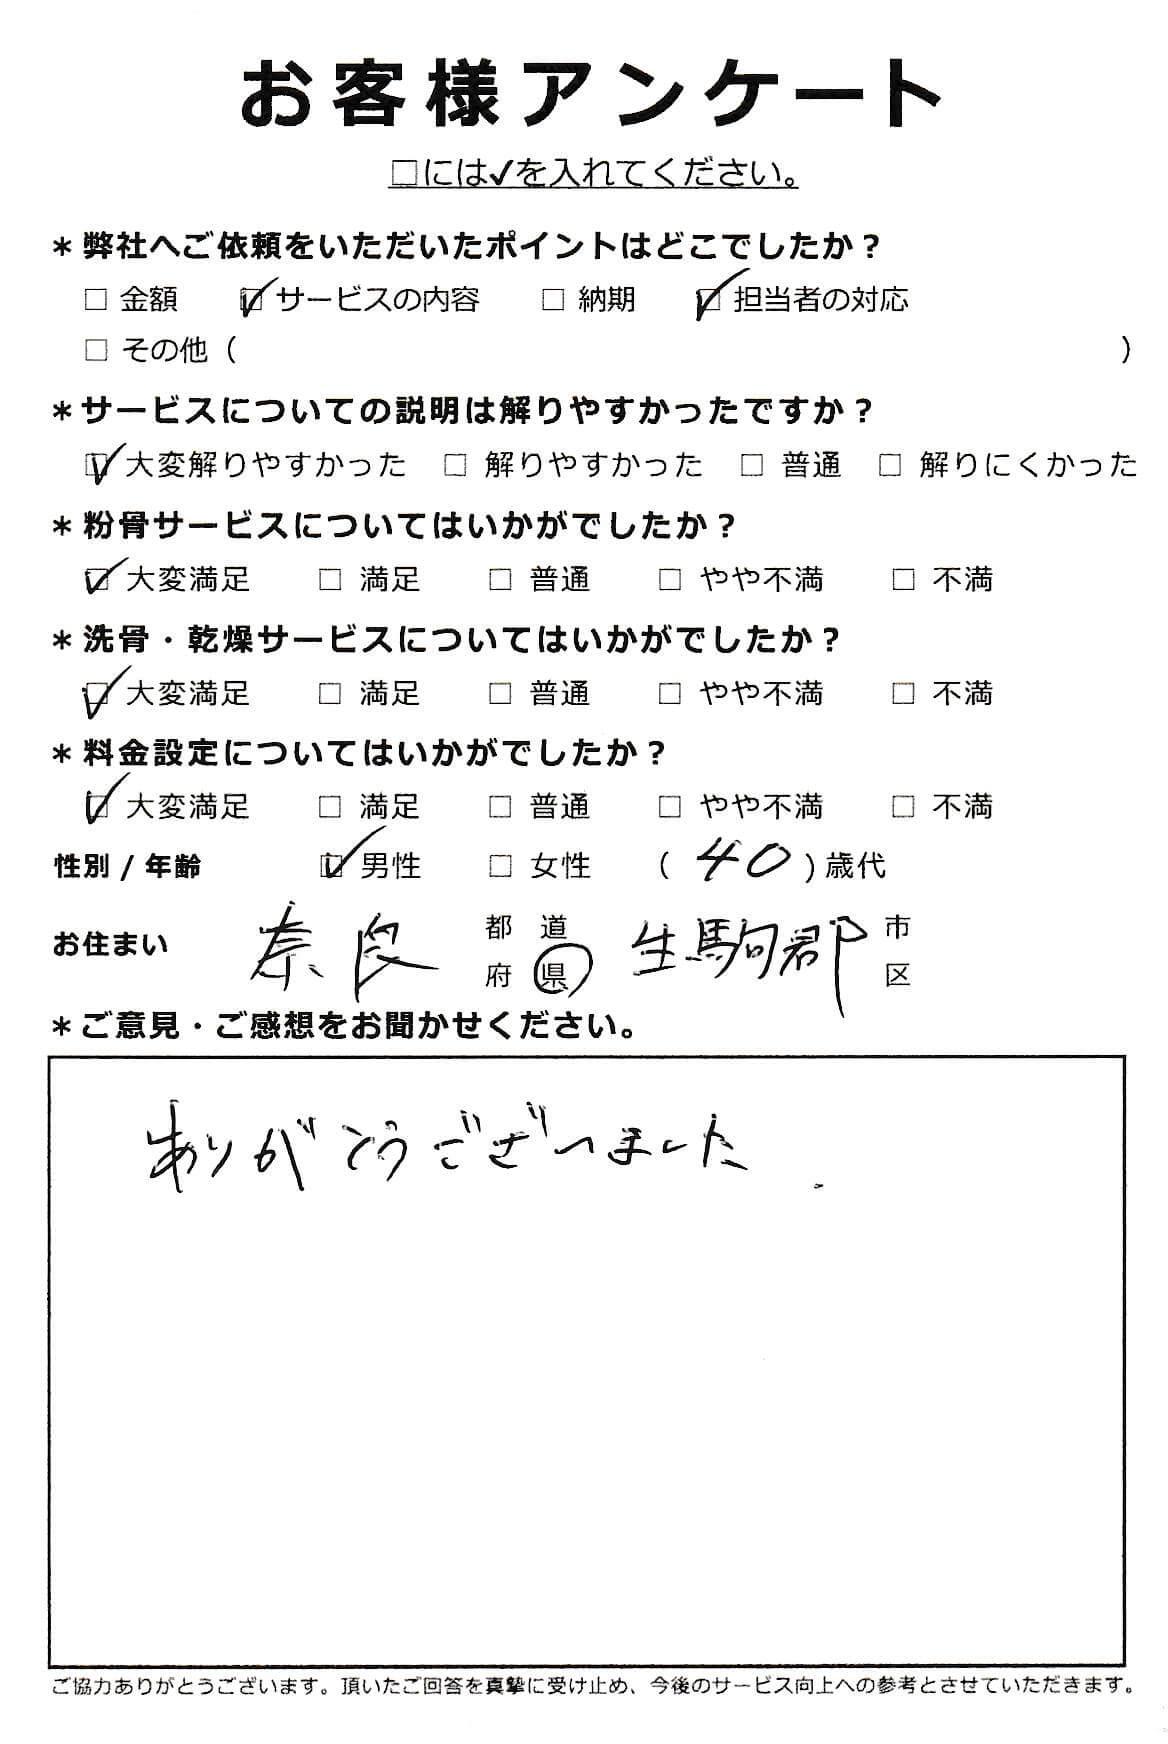 奈良県生駒郡での洗骨・乾燥サービス